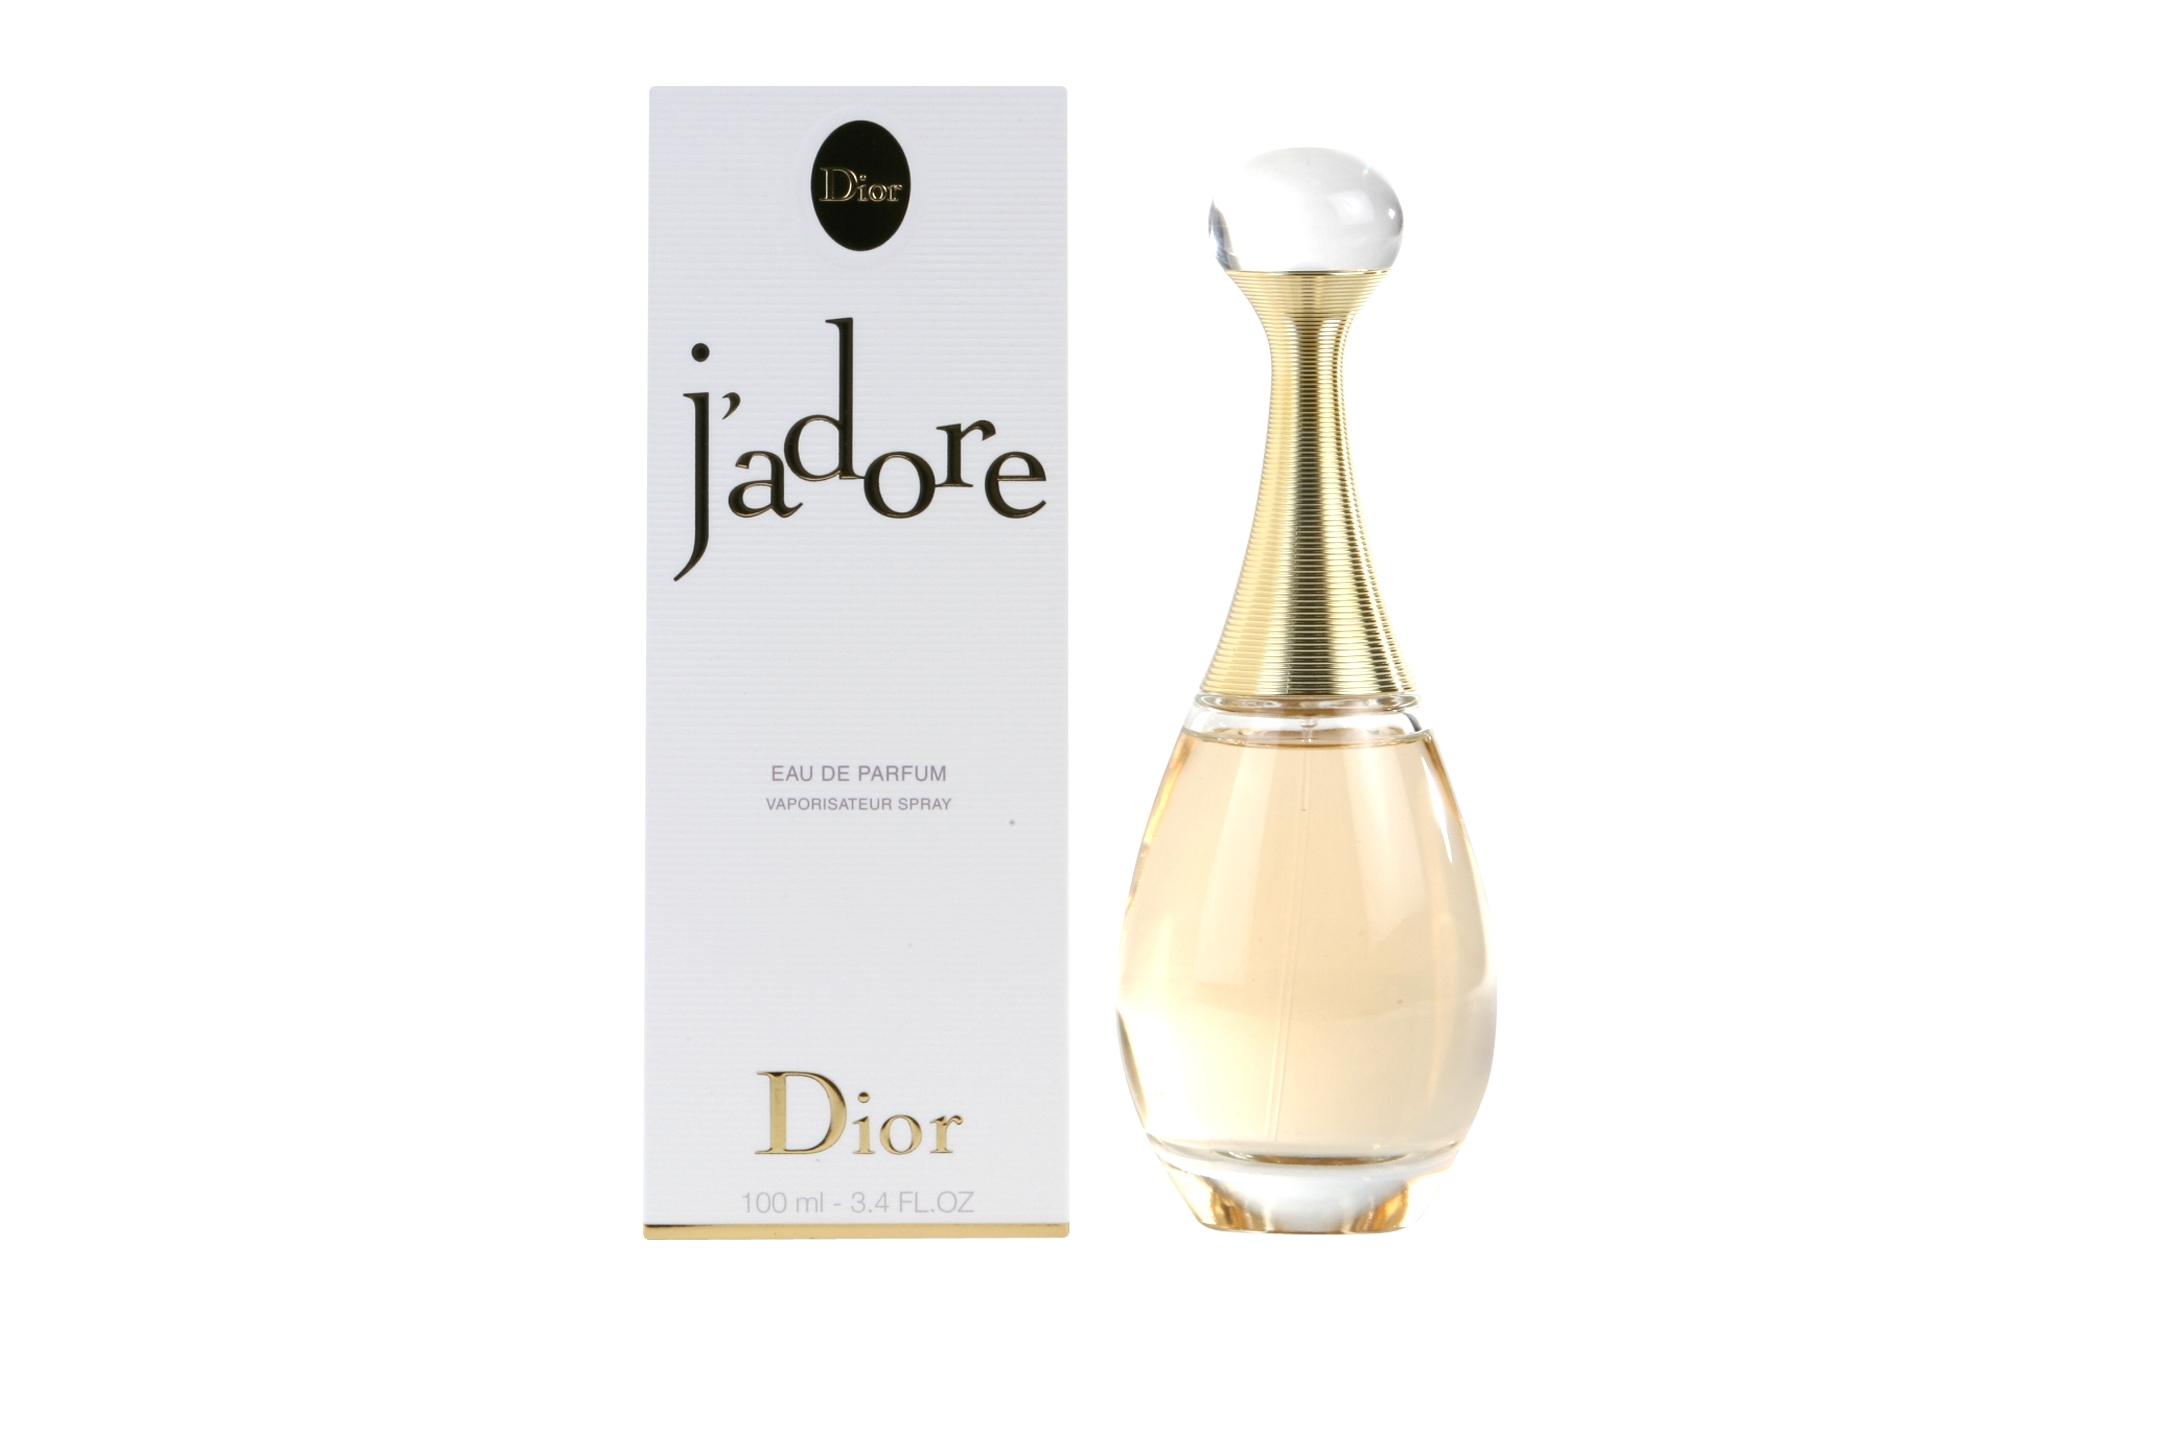 `adore Dior - это аромат для женщин, принадлежит к группе ароматов цветочные. Это новый аромат, J`adore выпущен в 2011. Верхние ноты: цитрусы и мандарин; ноты сердца: жасмин, апельсиновый цвет, иланг-иланг, мексиканская тубероза и роза; ноты базы: древесные ноты и ваниль.